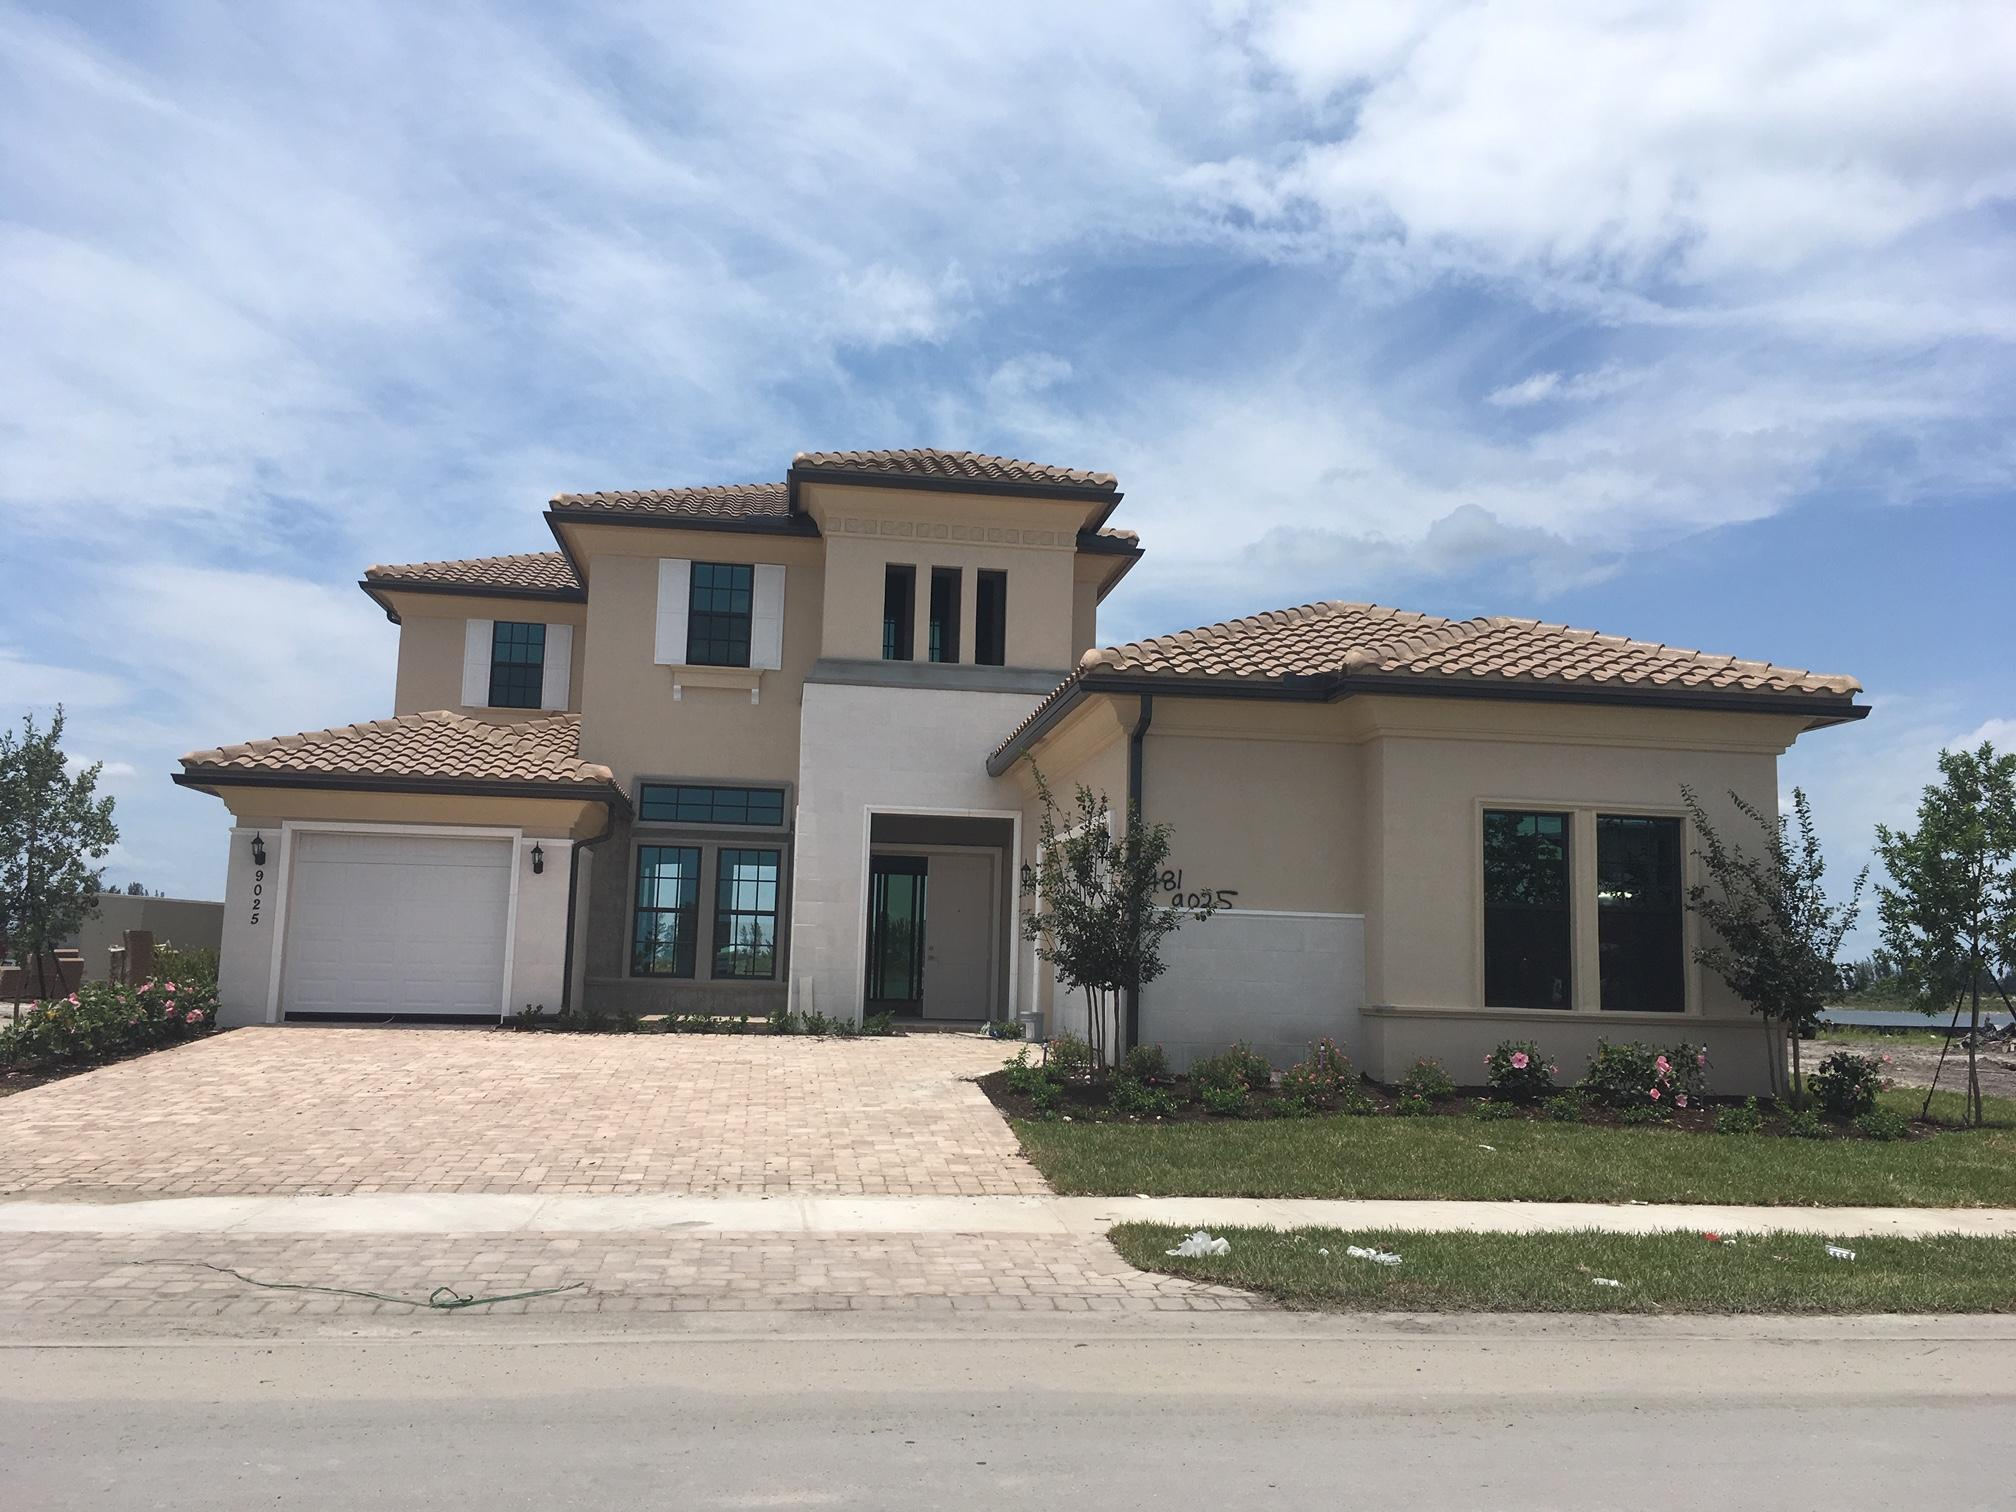 Photo of 9025 E Parkland Bay Drive, Parkland, FL 33076